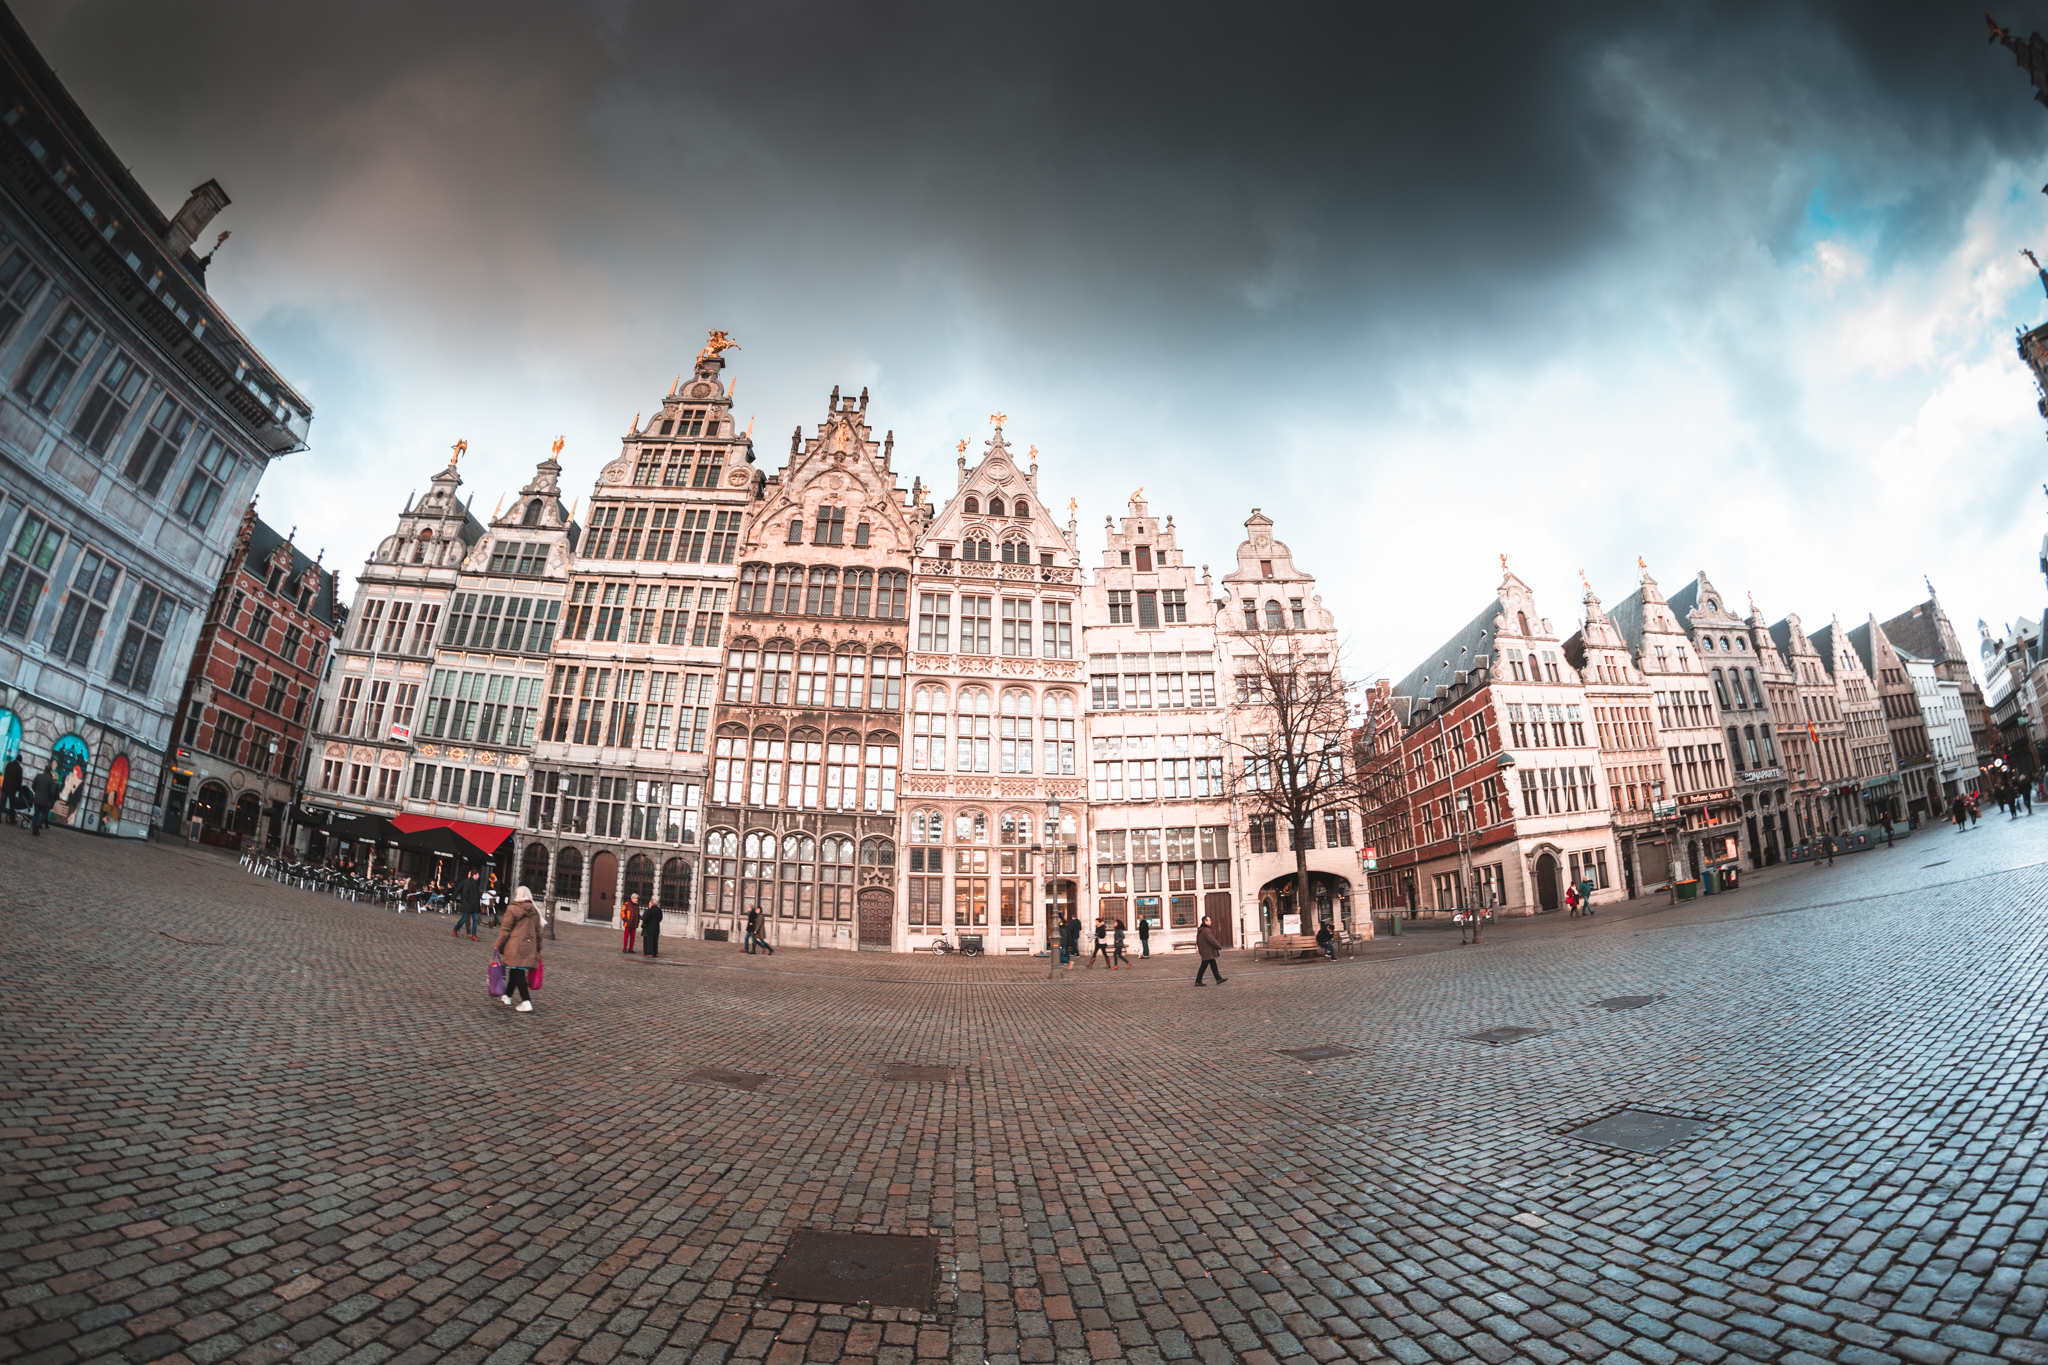 Anvers/ Antwerpen